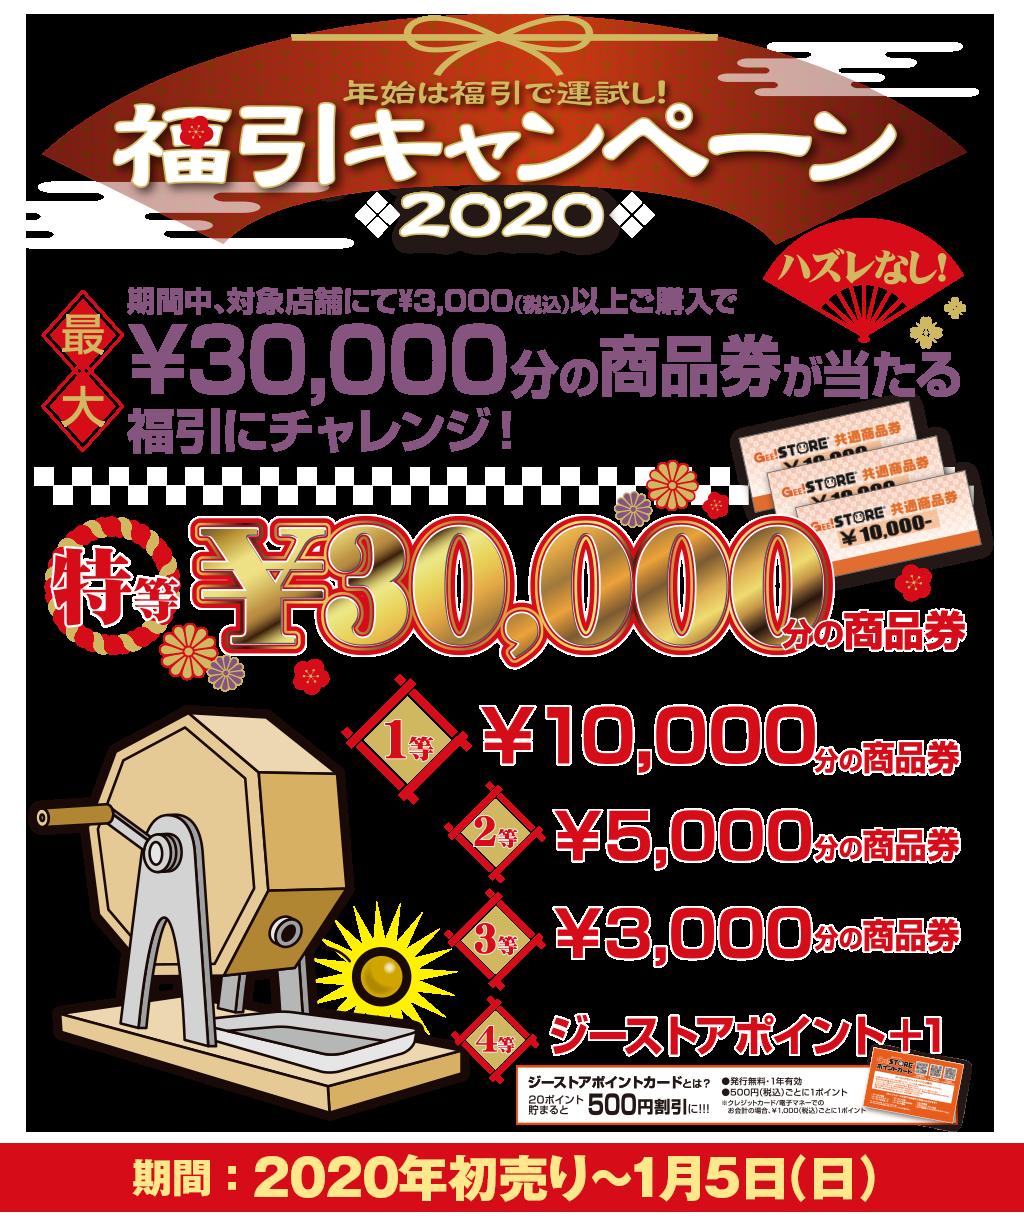 [キャンペーン]『2020新春キャンペーン』年始は福引で運試し!福引キャンペーン2020